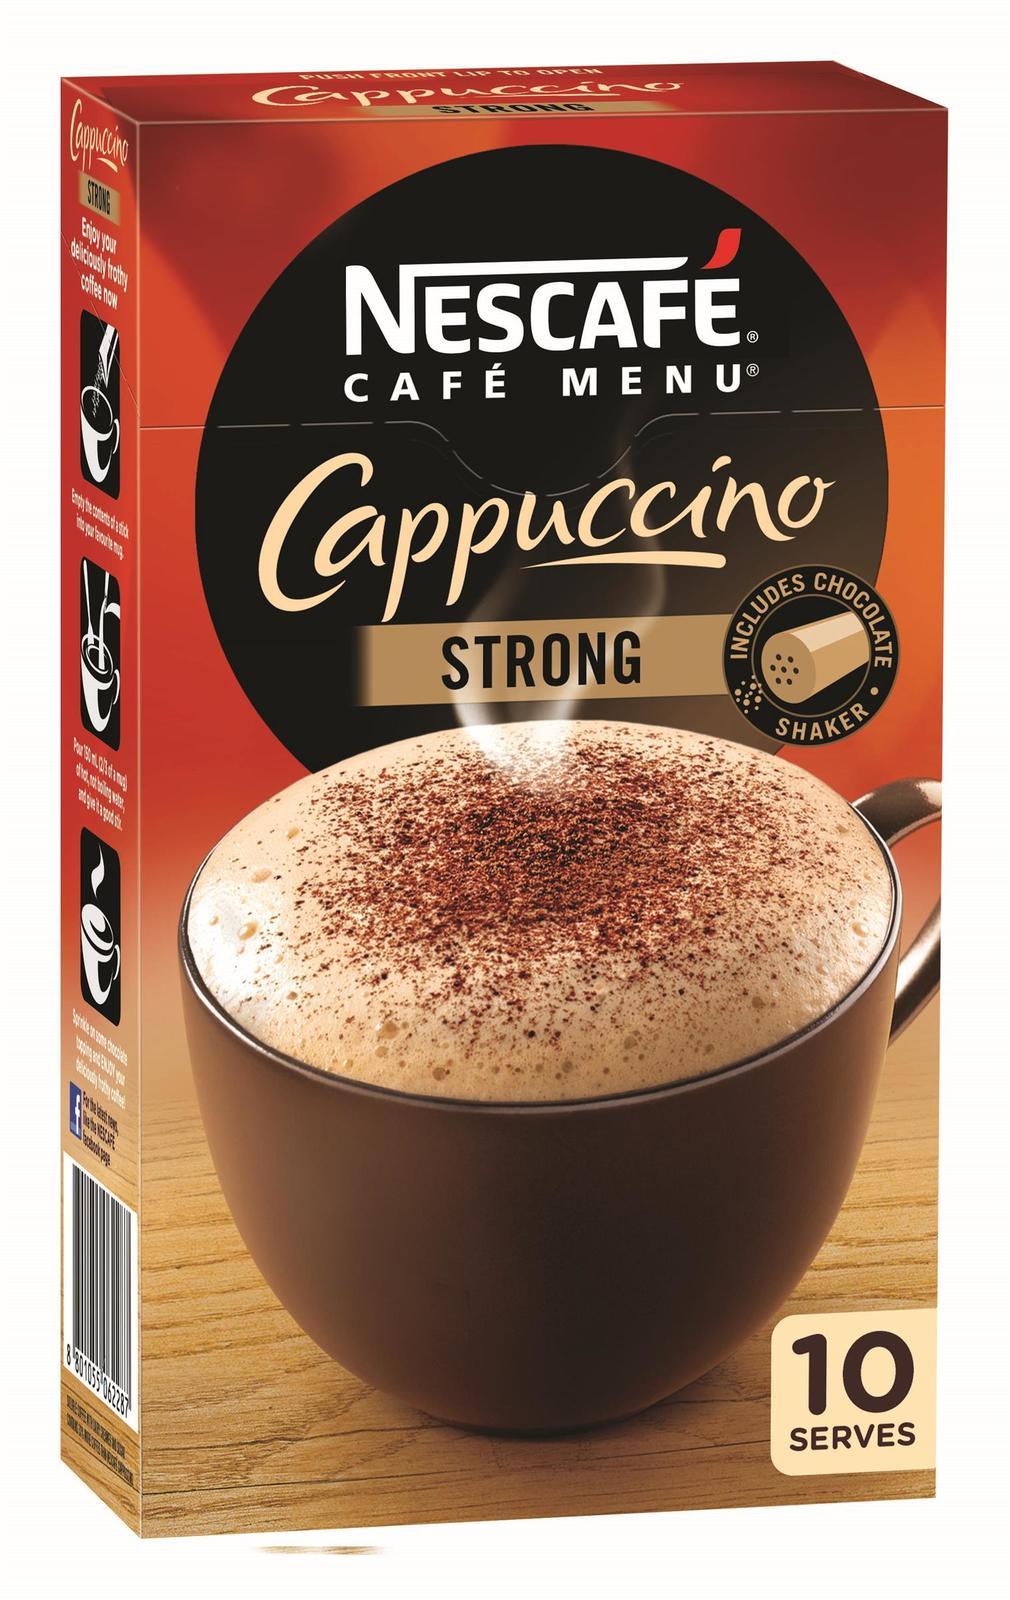 Nescafe Café Menu (Cappucino Strong, 10pk) image